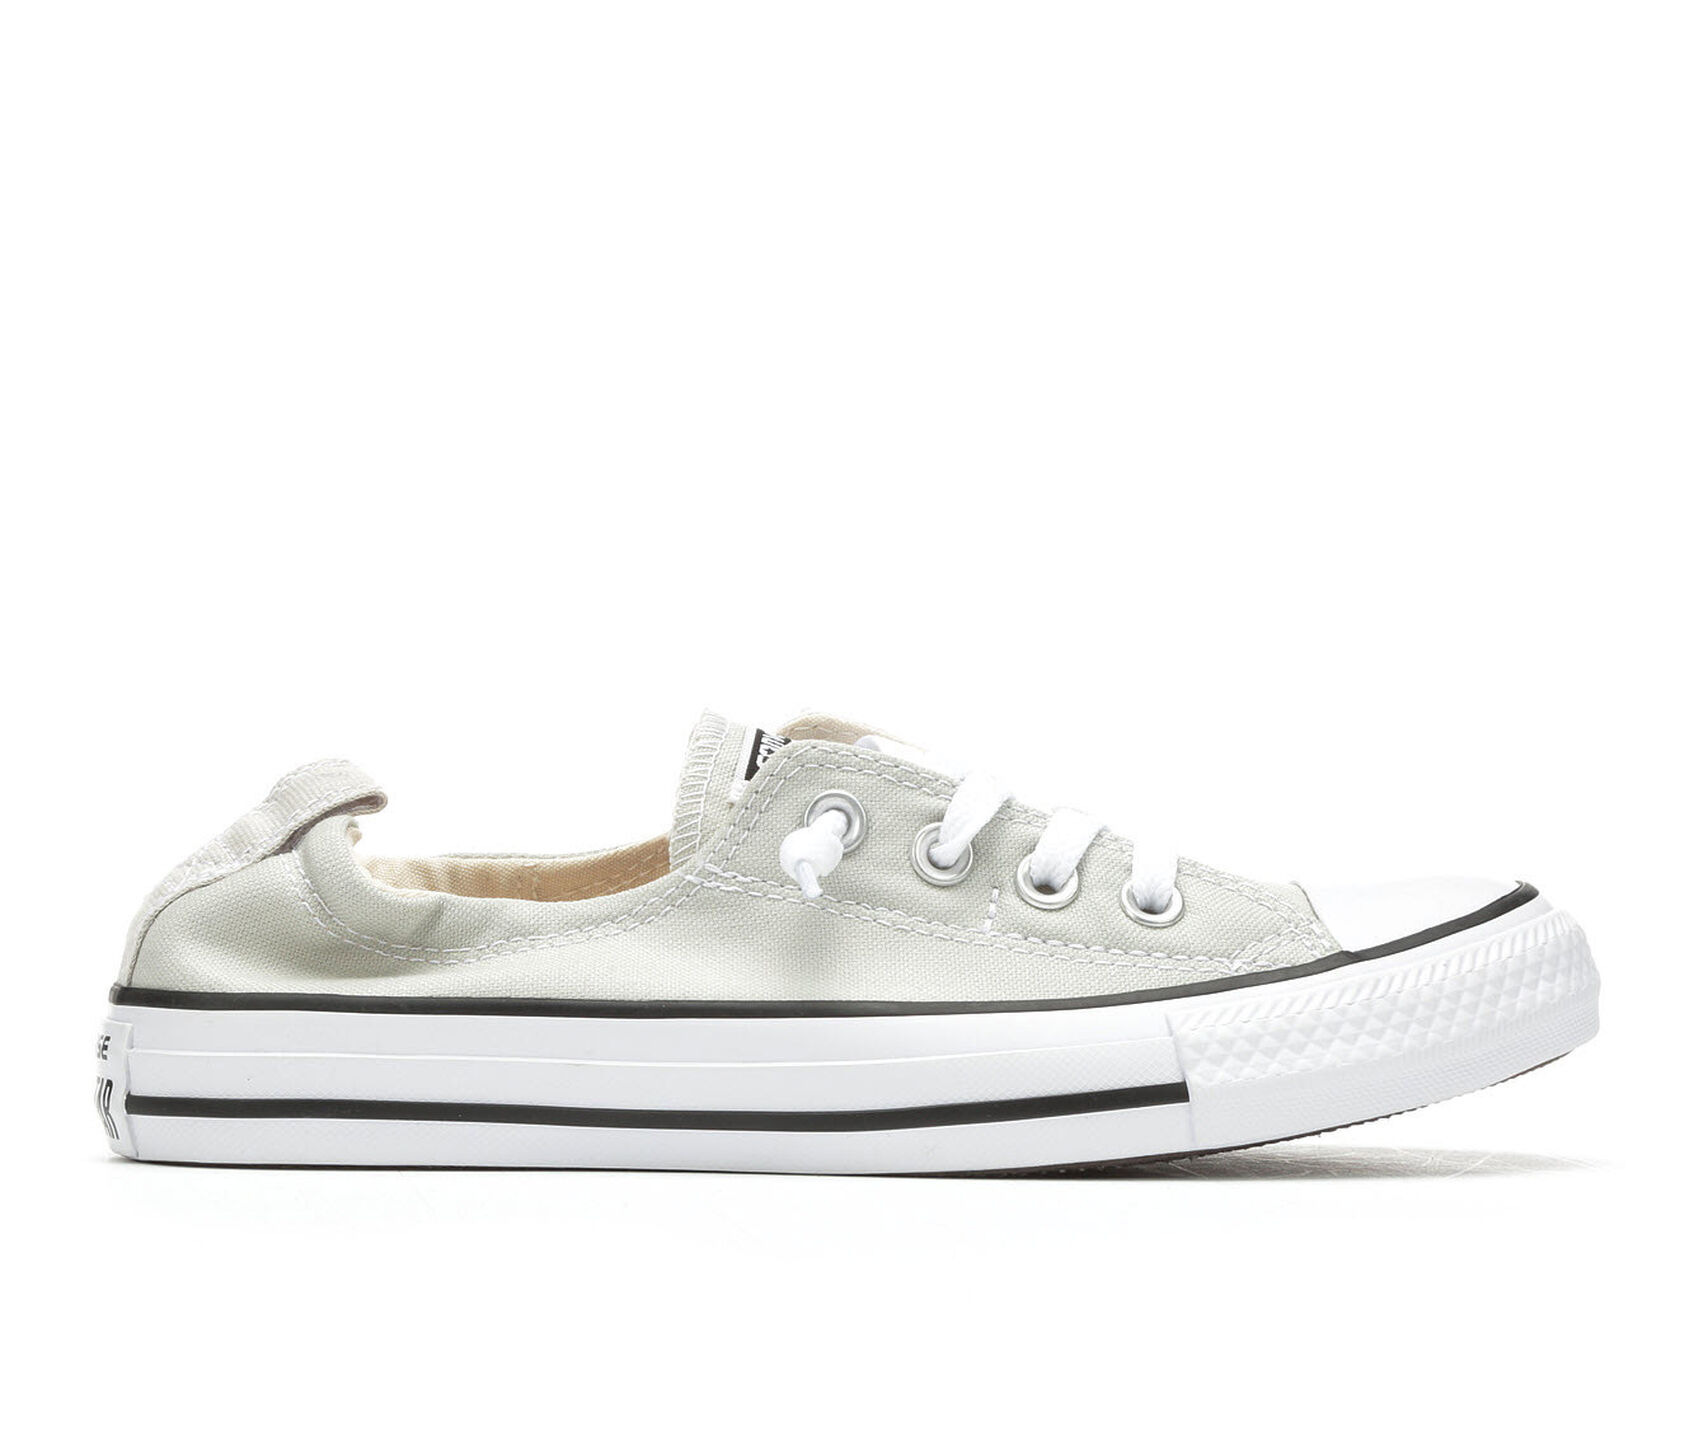 73d6e55b13a4 ... Converse Chuck Taylor Shoreline Sneakers. Previous